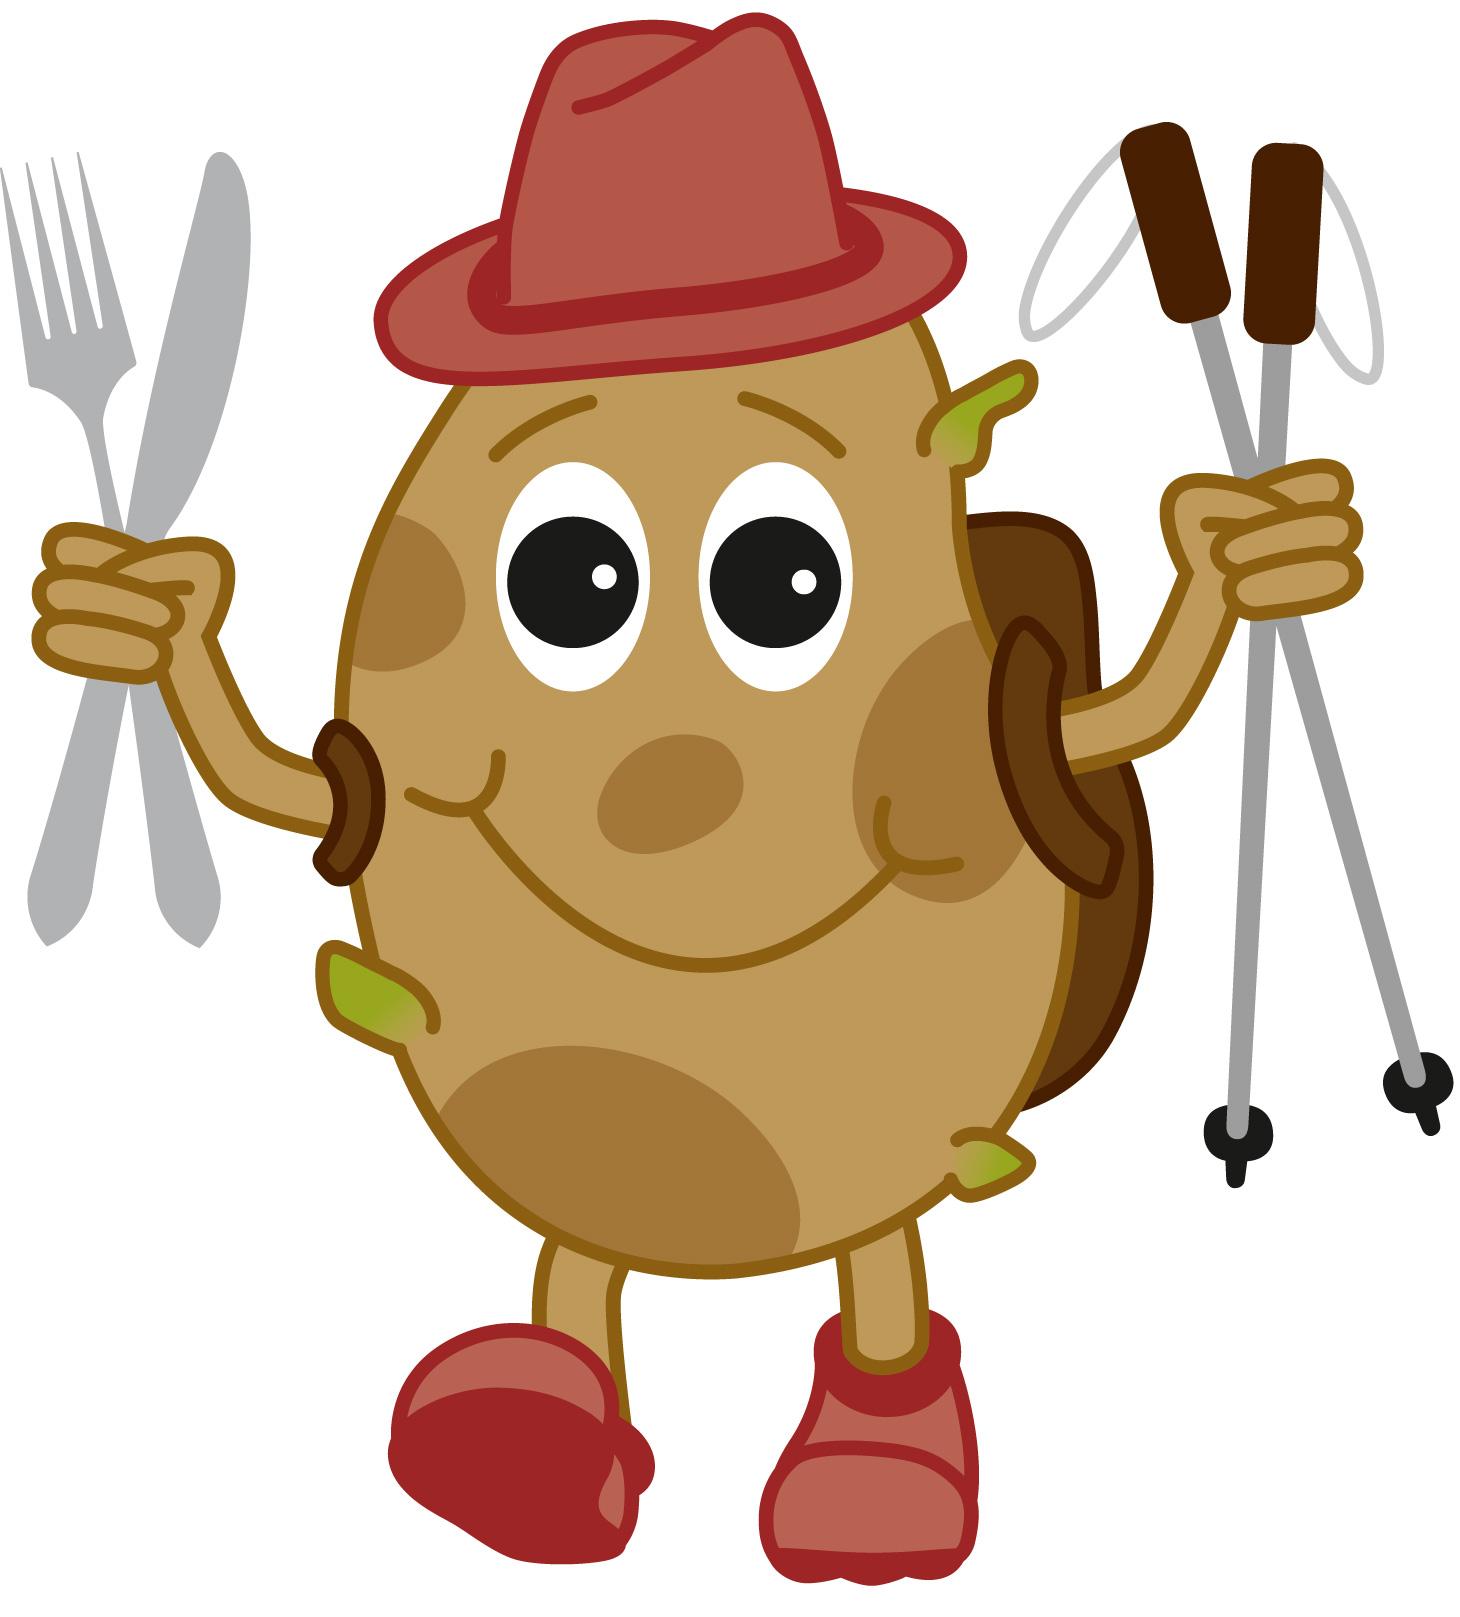 Kartoffel.